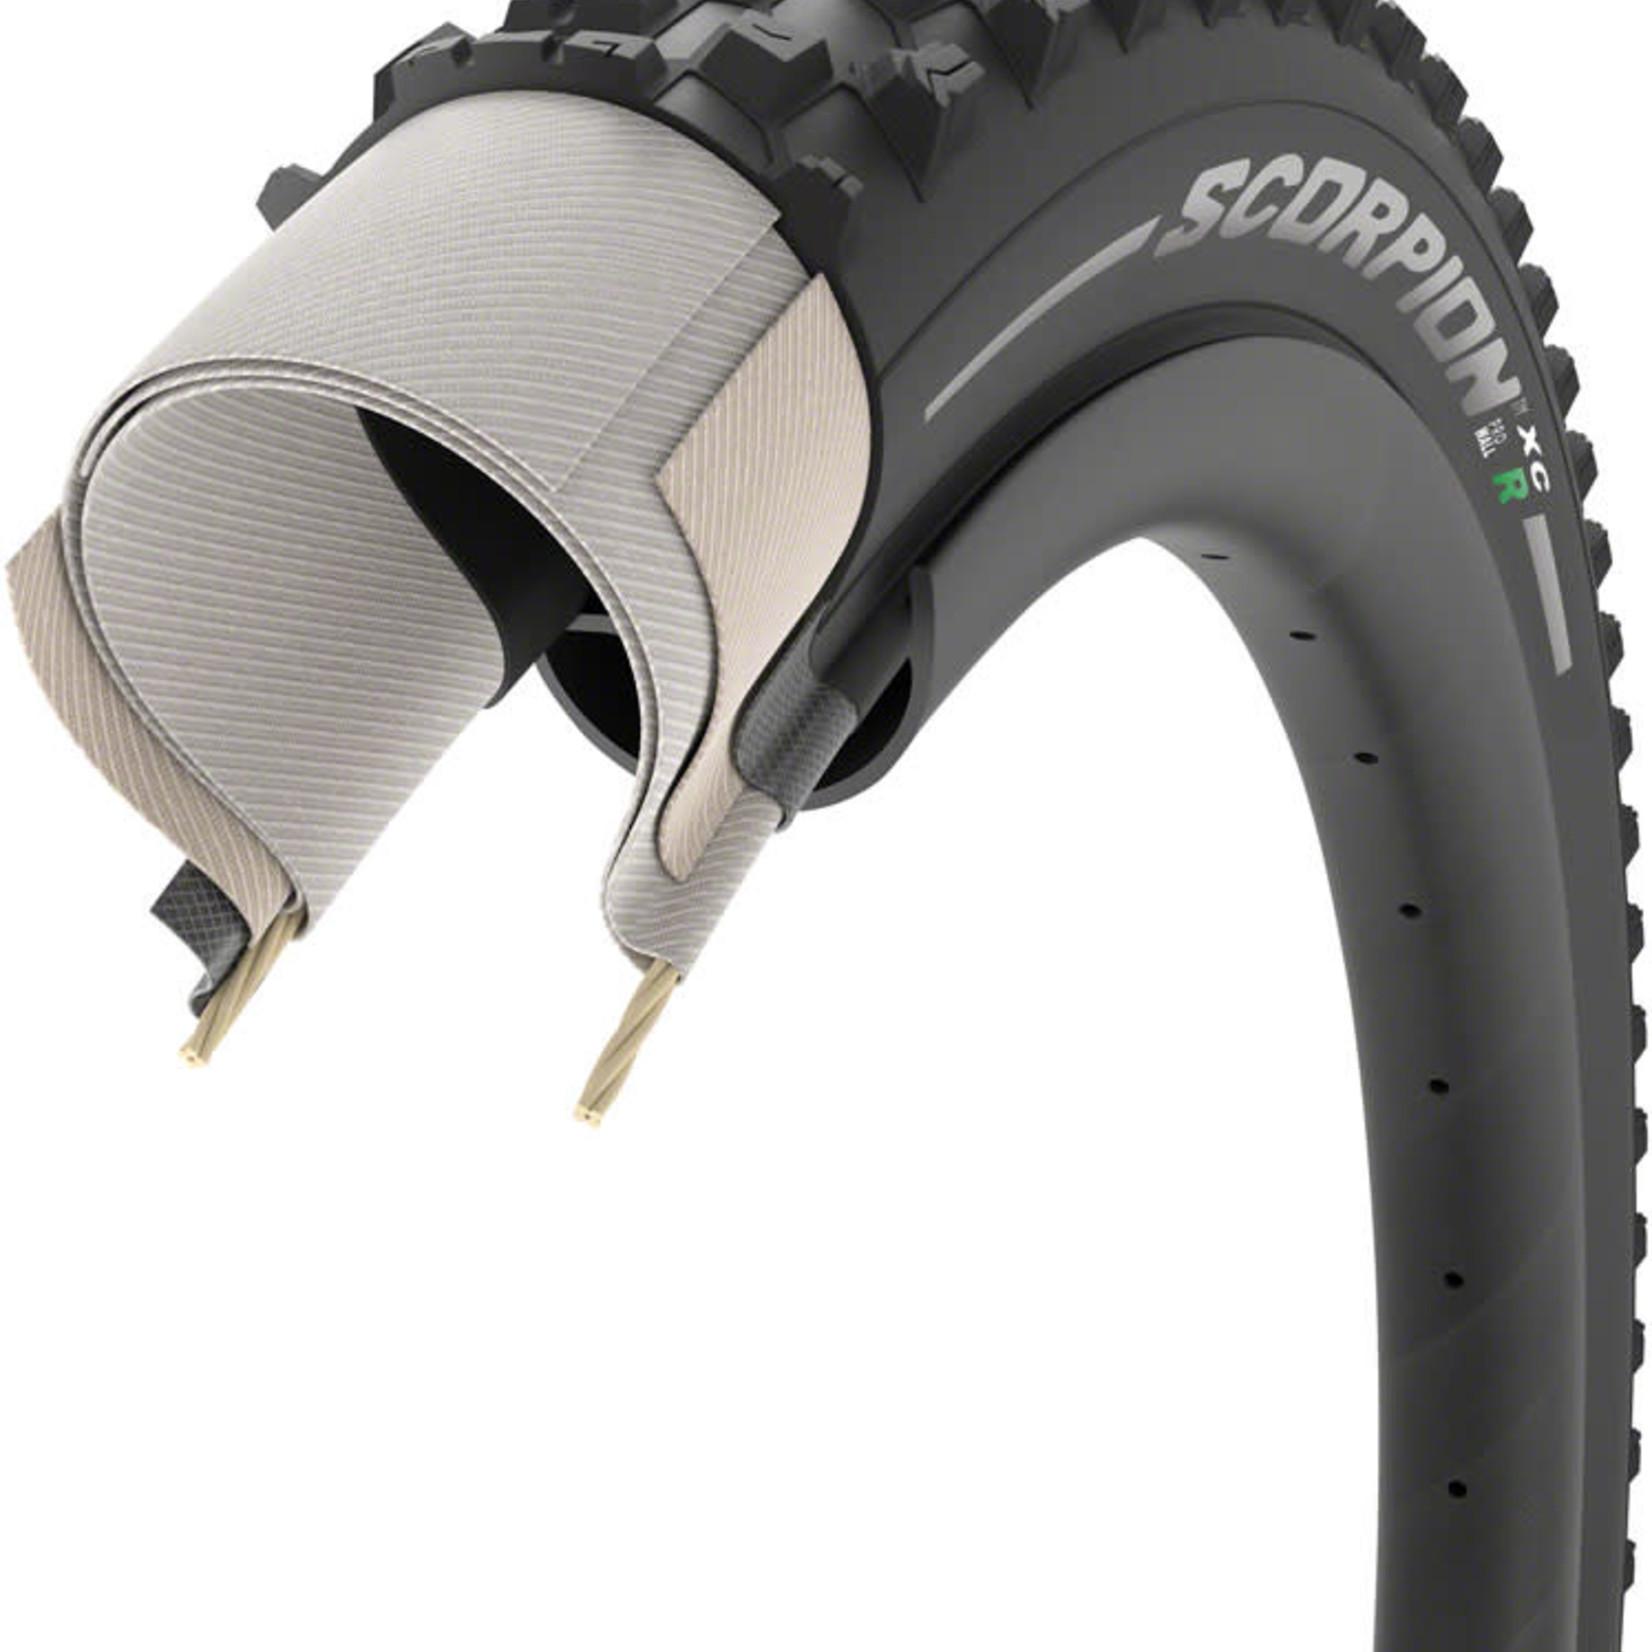 Pirelli Tire LLC Pirelli Scorpion XC R Tire - 29 x 2.2, Tubeless, Folding, Black